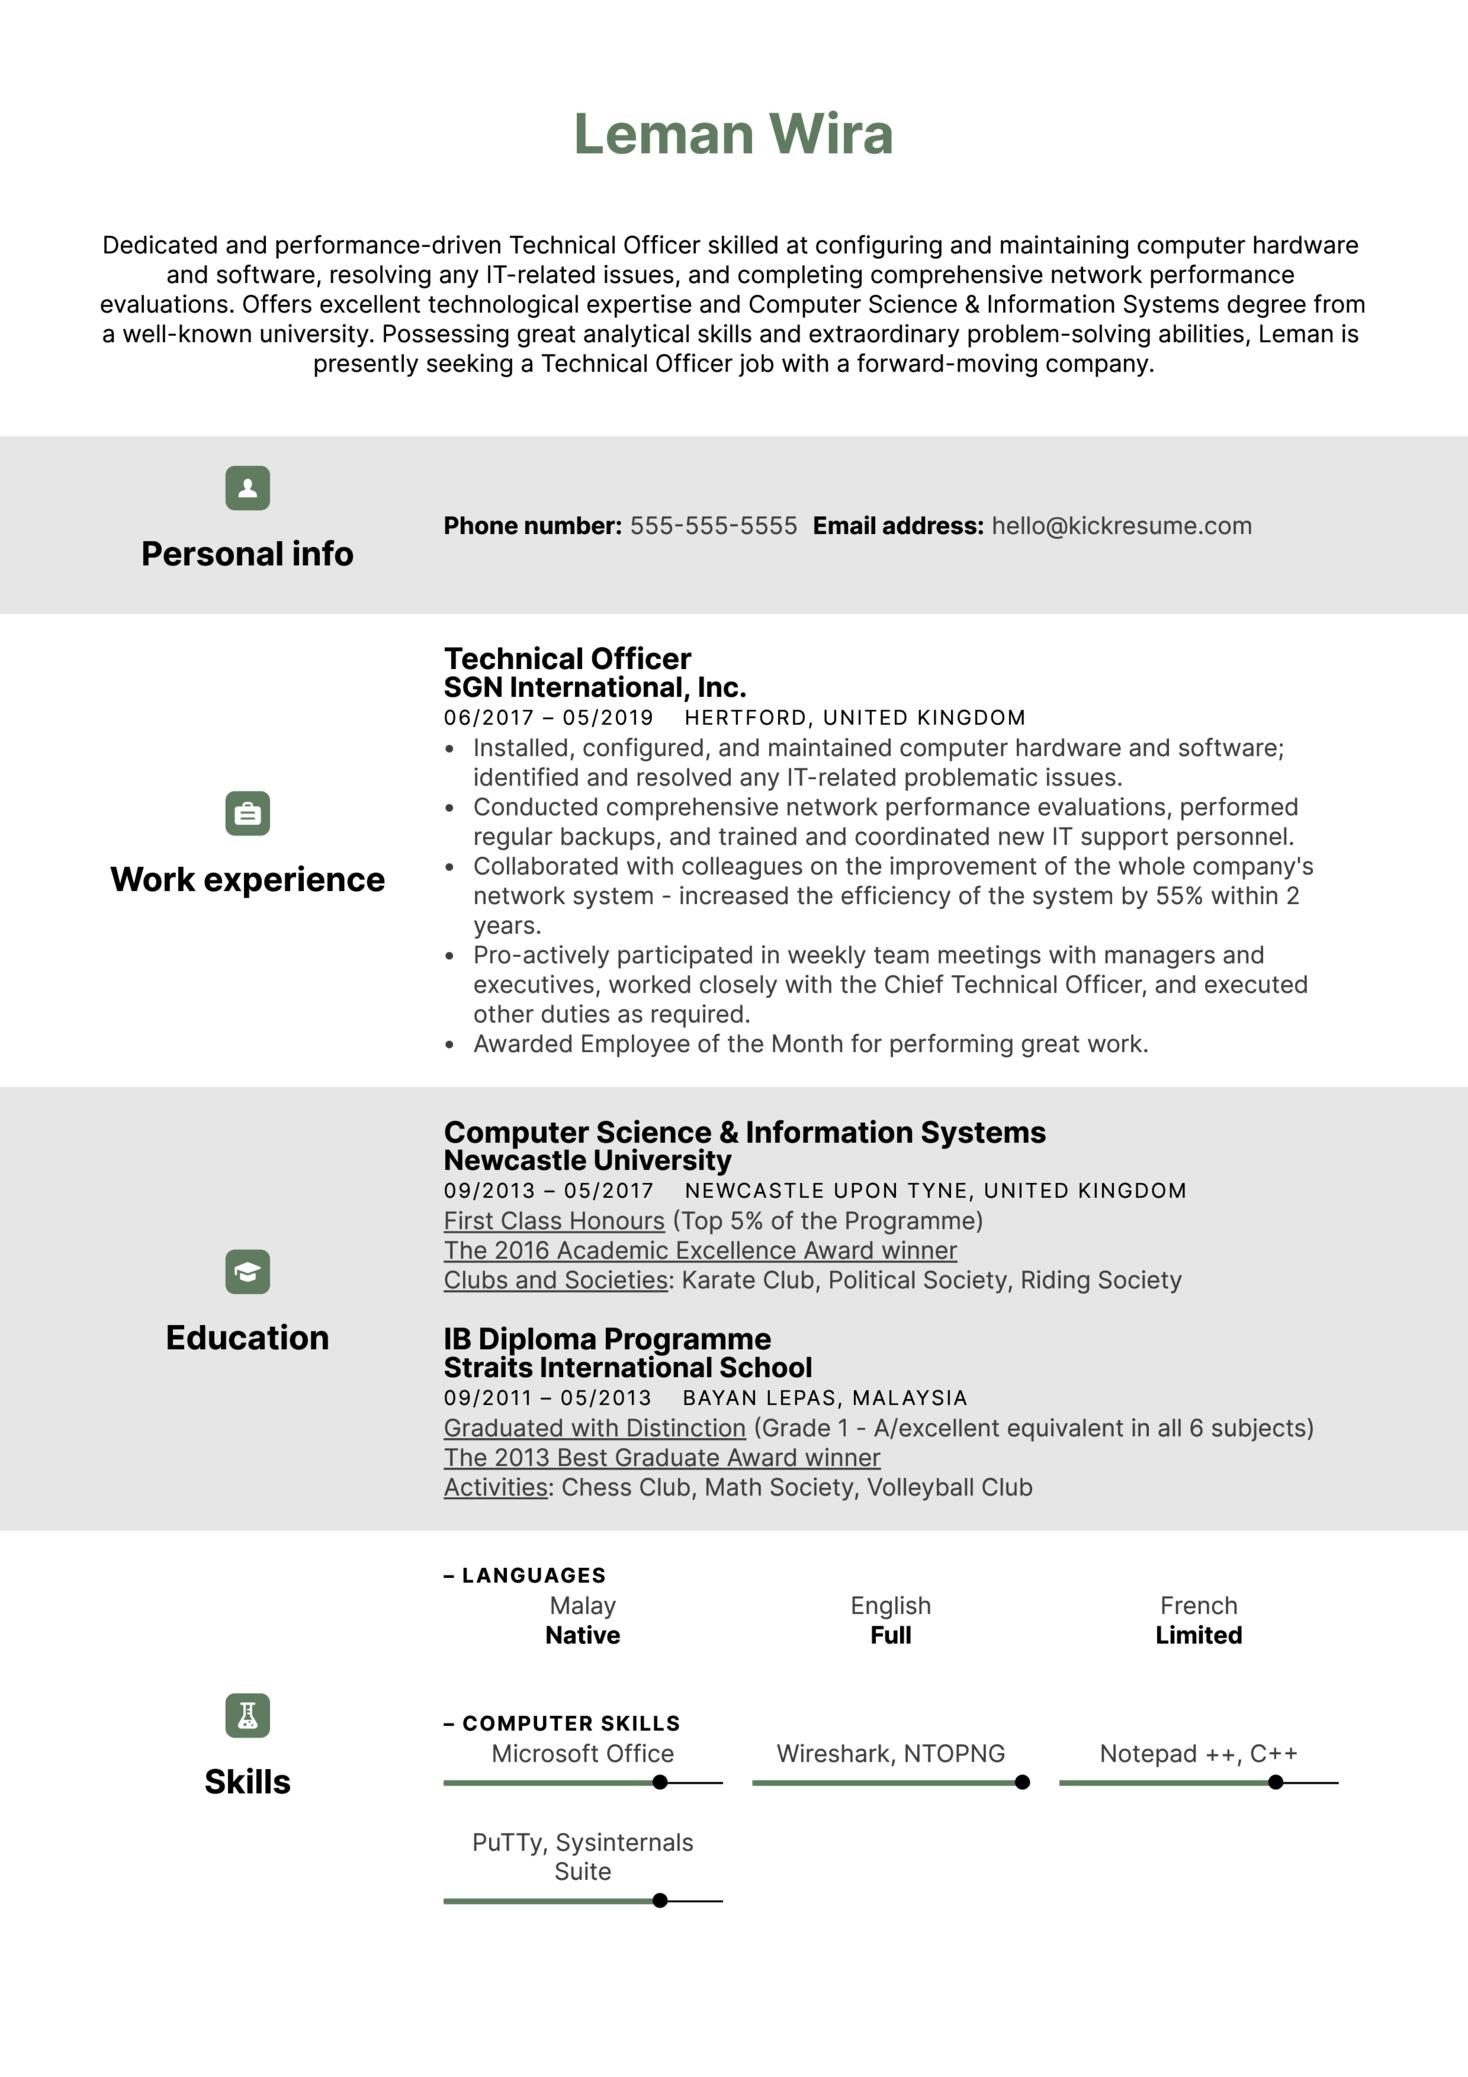 Technical Officer Resume Sample (Part 1)